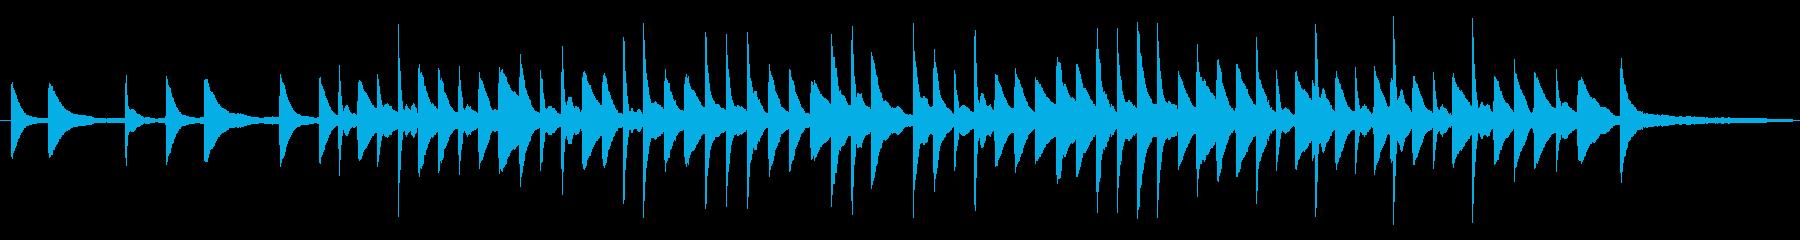 シンプルなピアノのBGMの再生済みの波形